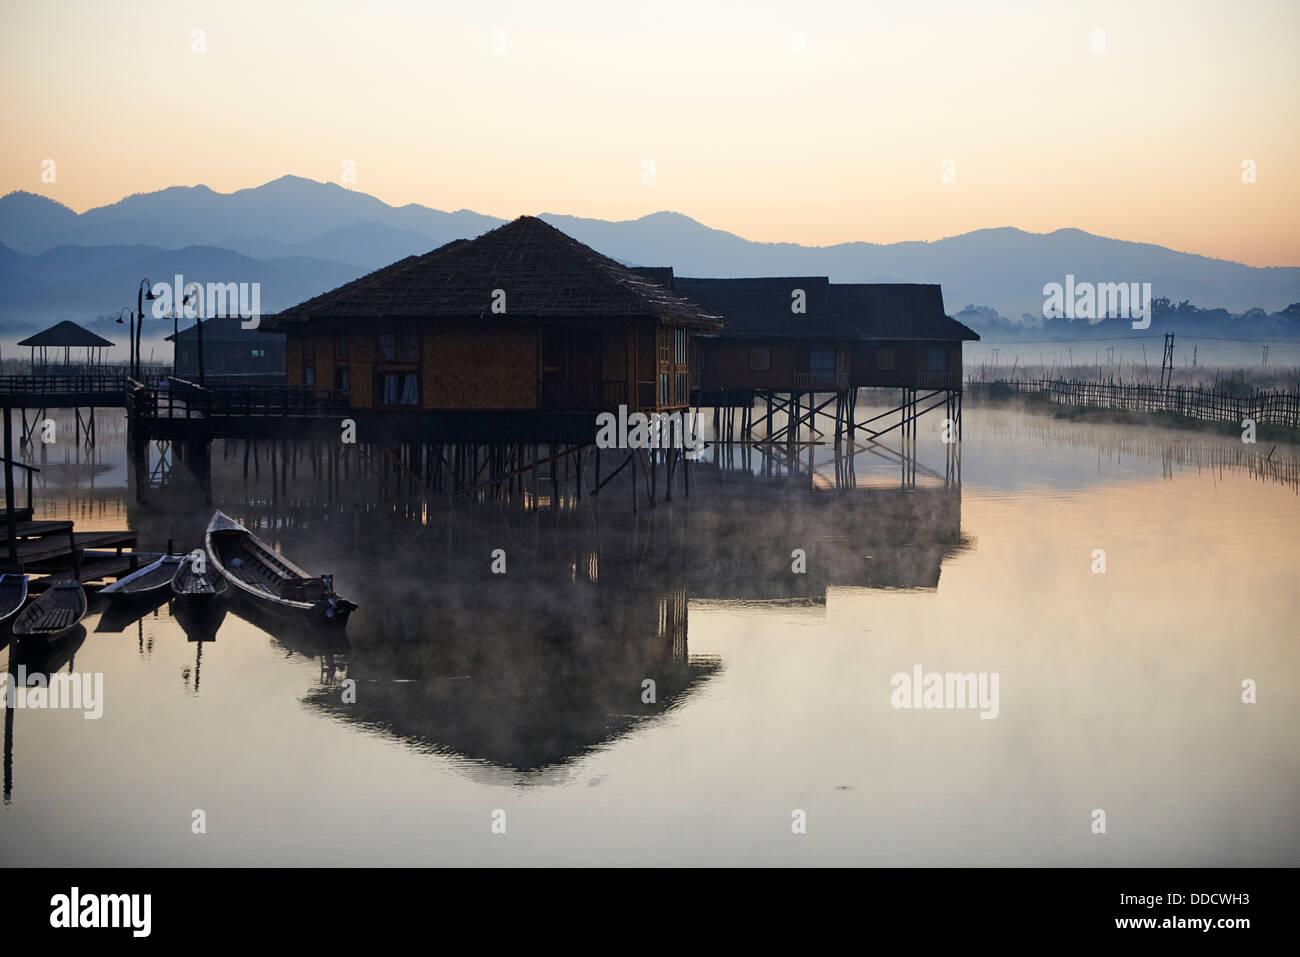 Myanmar (Burma), Shan province, Inle lake, Nampan village - Stock Image